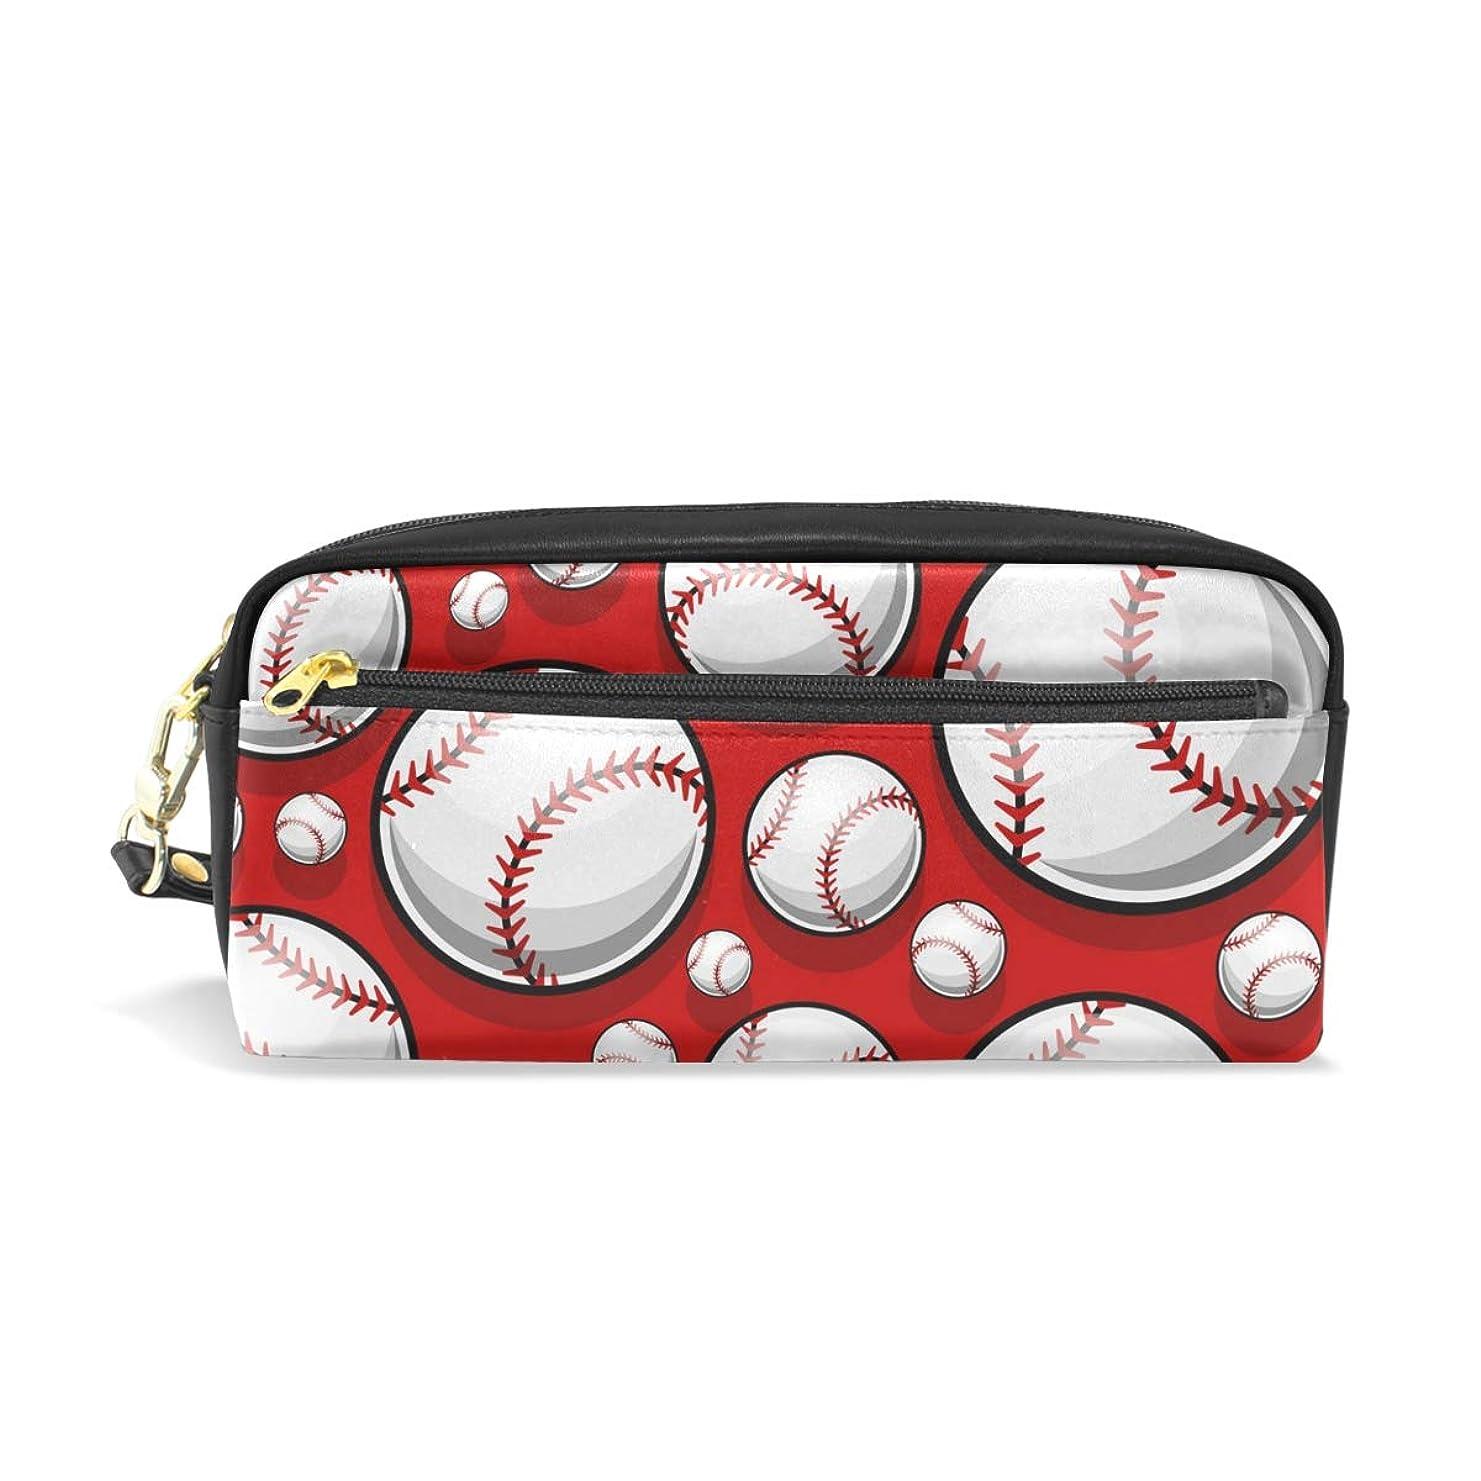 暴君熟した写真AOMOKI ペンケース ペンポーチ 化粧ポーチ おしゃれ かわいい 小物入り 多機能バッグ 男女兼用 ギフト プレゼント 野球 ボール